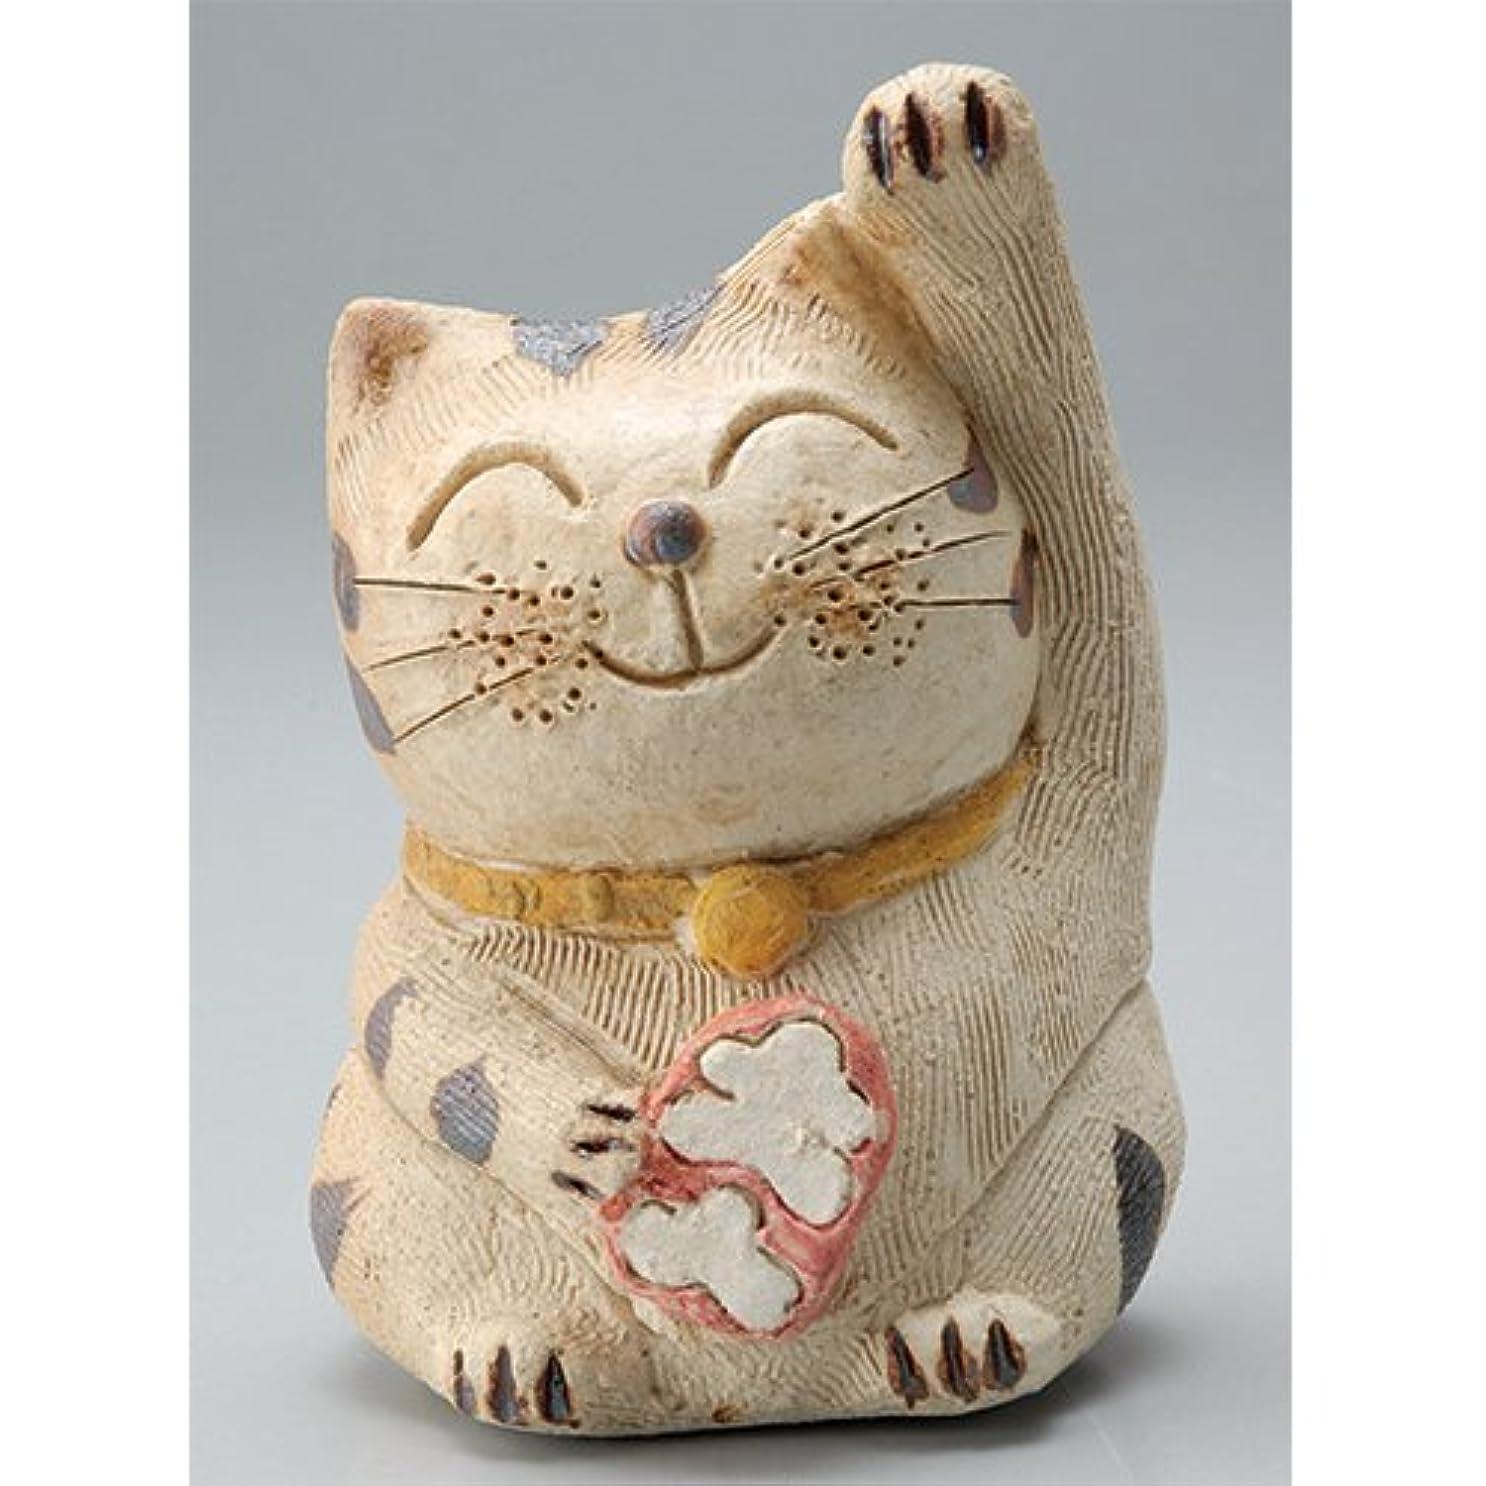 経過嘆くフィドル香炉 微笑み招き猫(人招き)香炉(中) [H14cm] HANDMADE プレゼント ギフト 和食器 かわいい インテリア